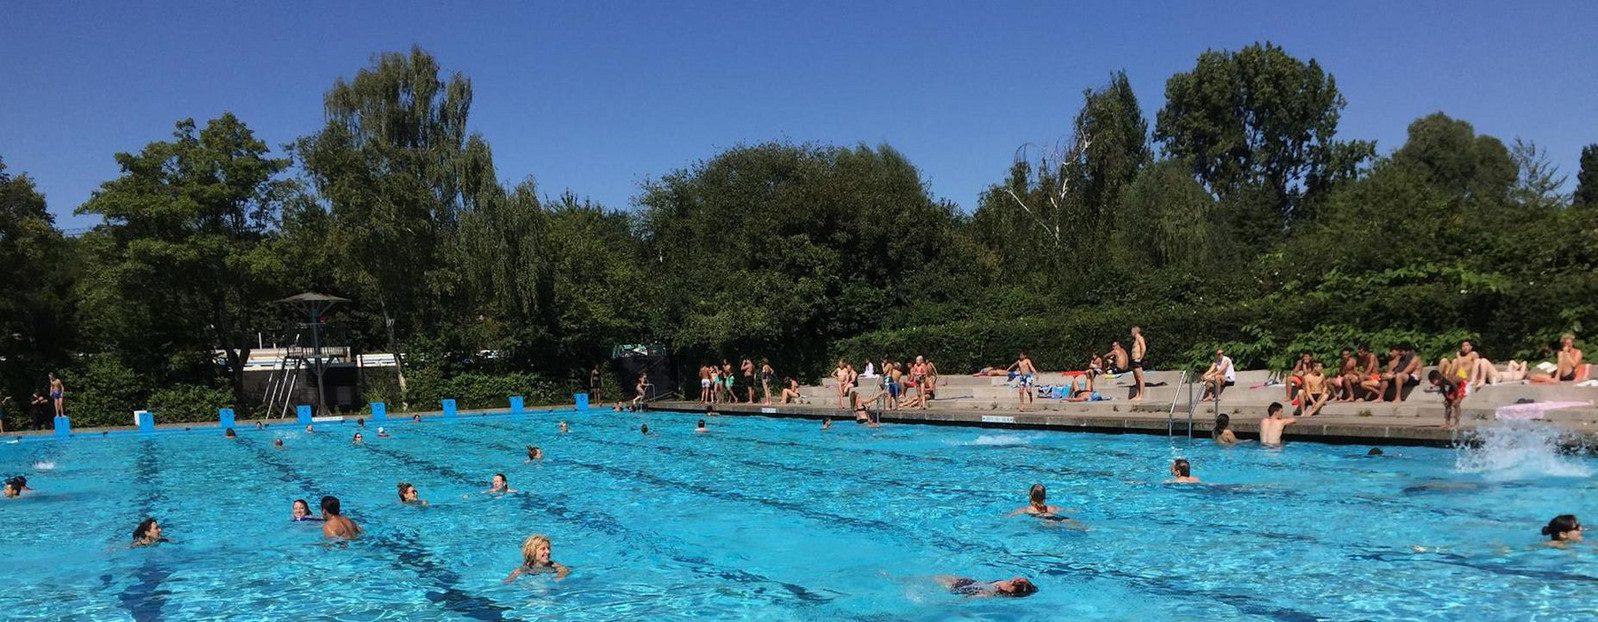 Planschen im pool